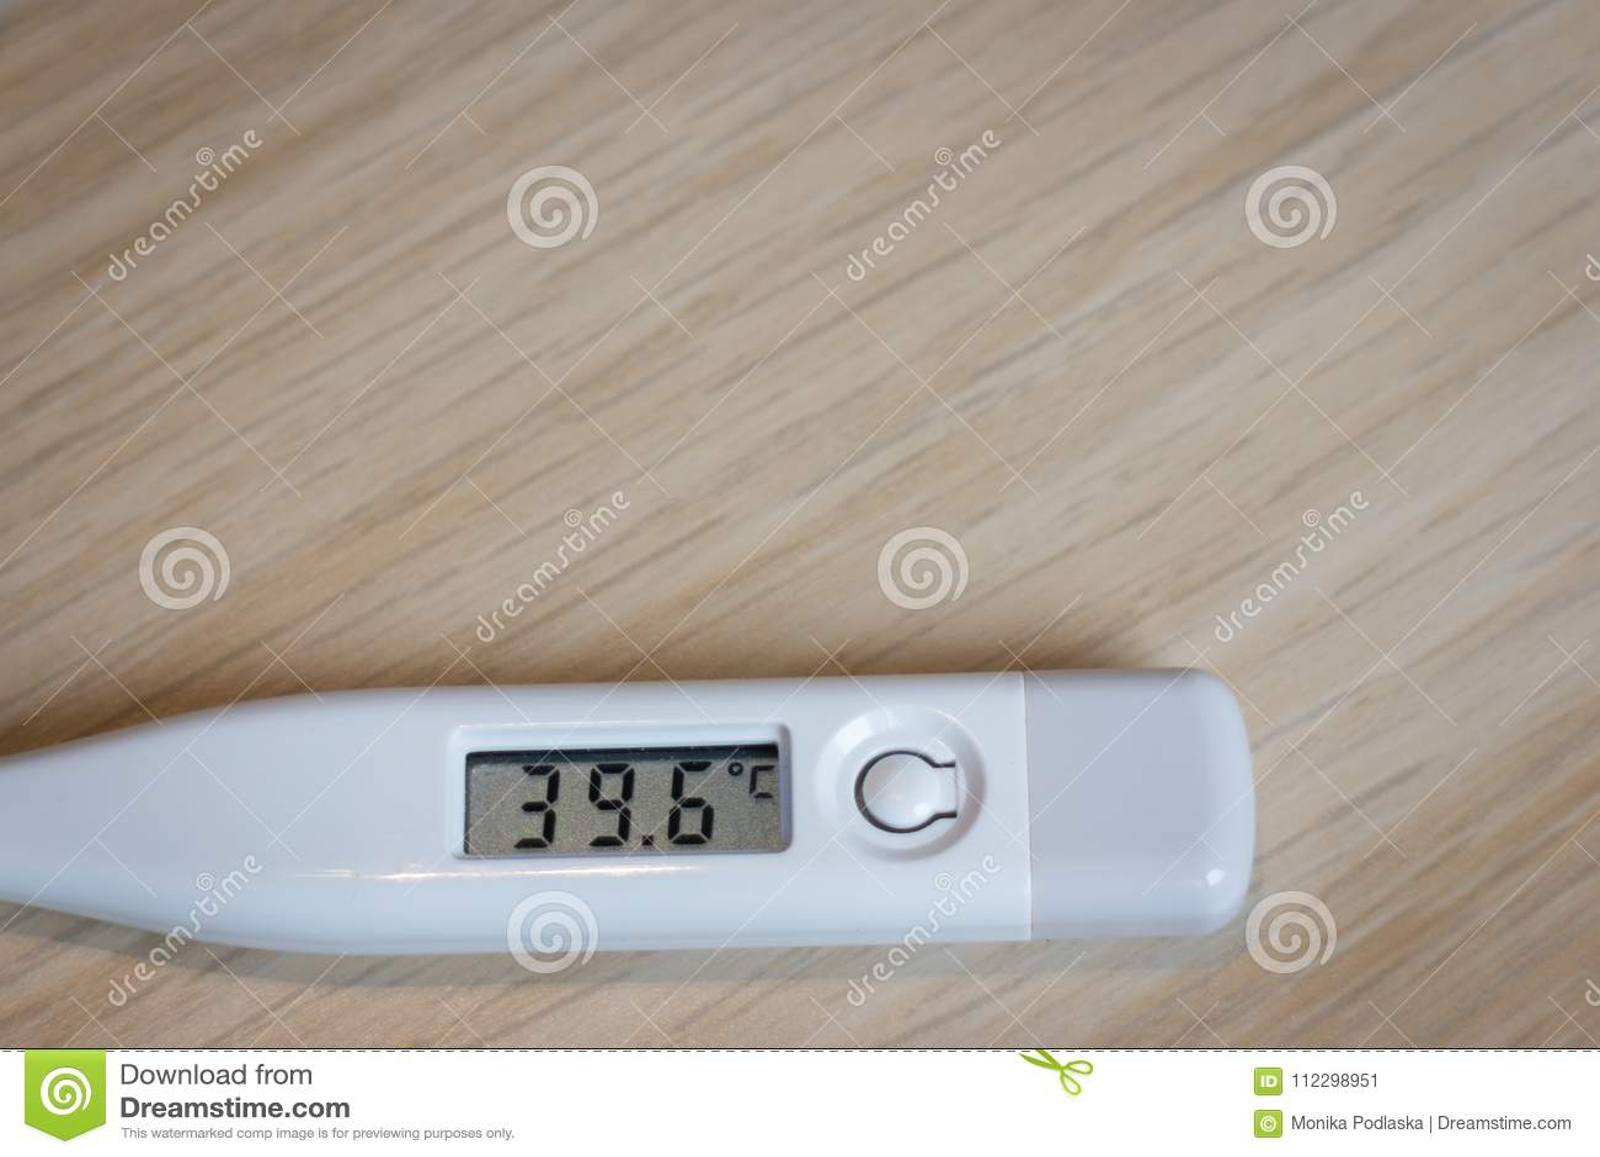 Digital Termometer Med Mycket Mycket Varmt Fotografering för